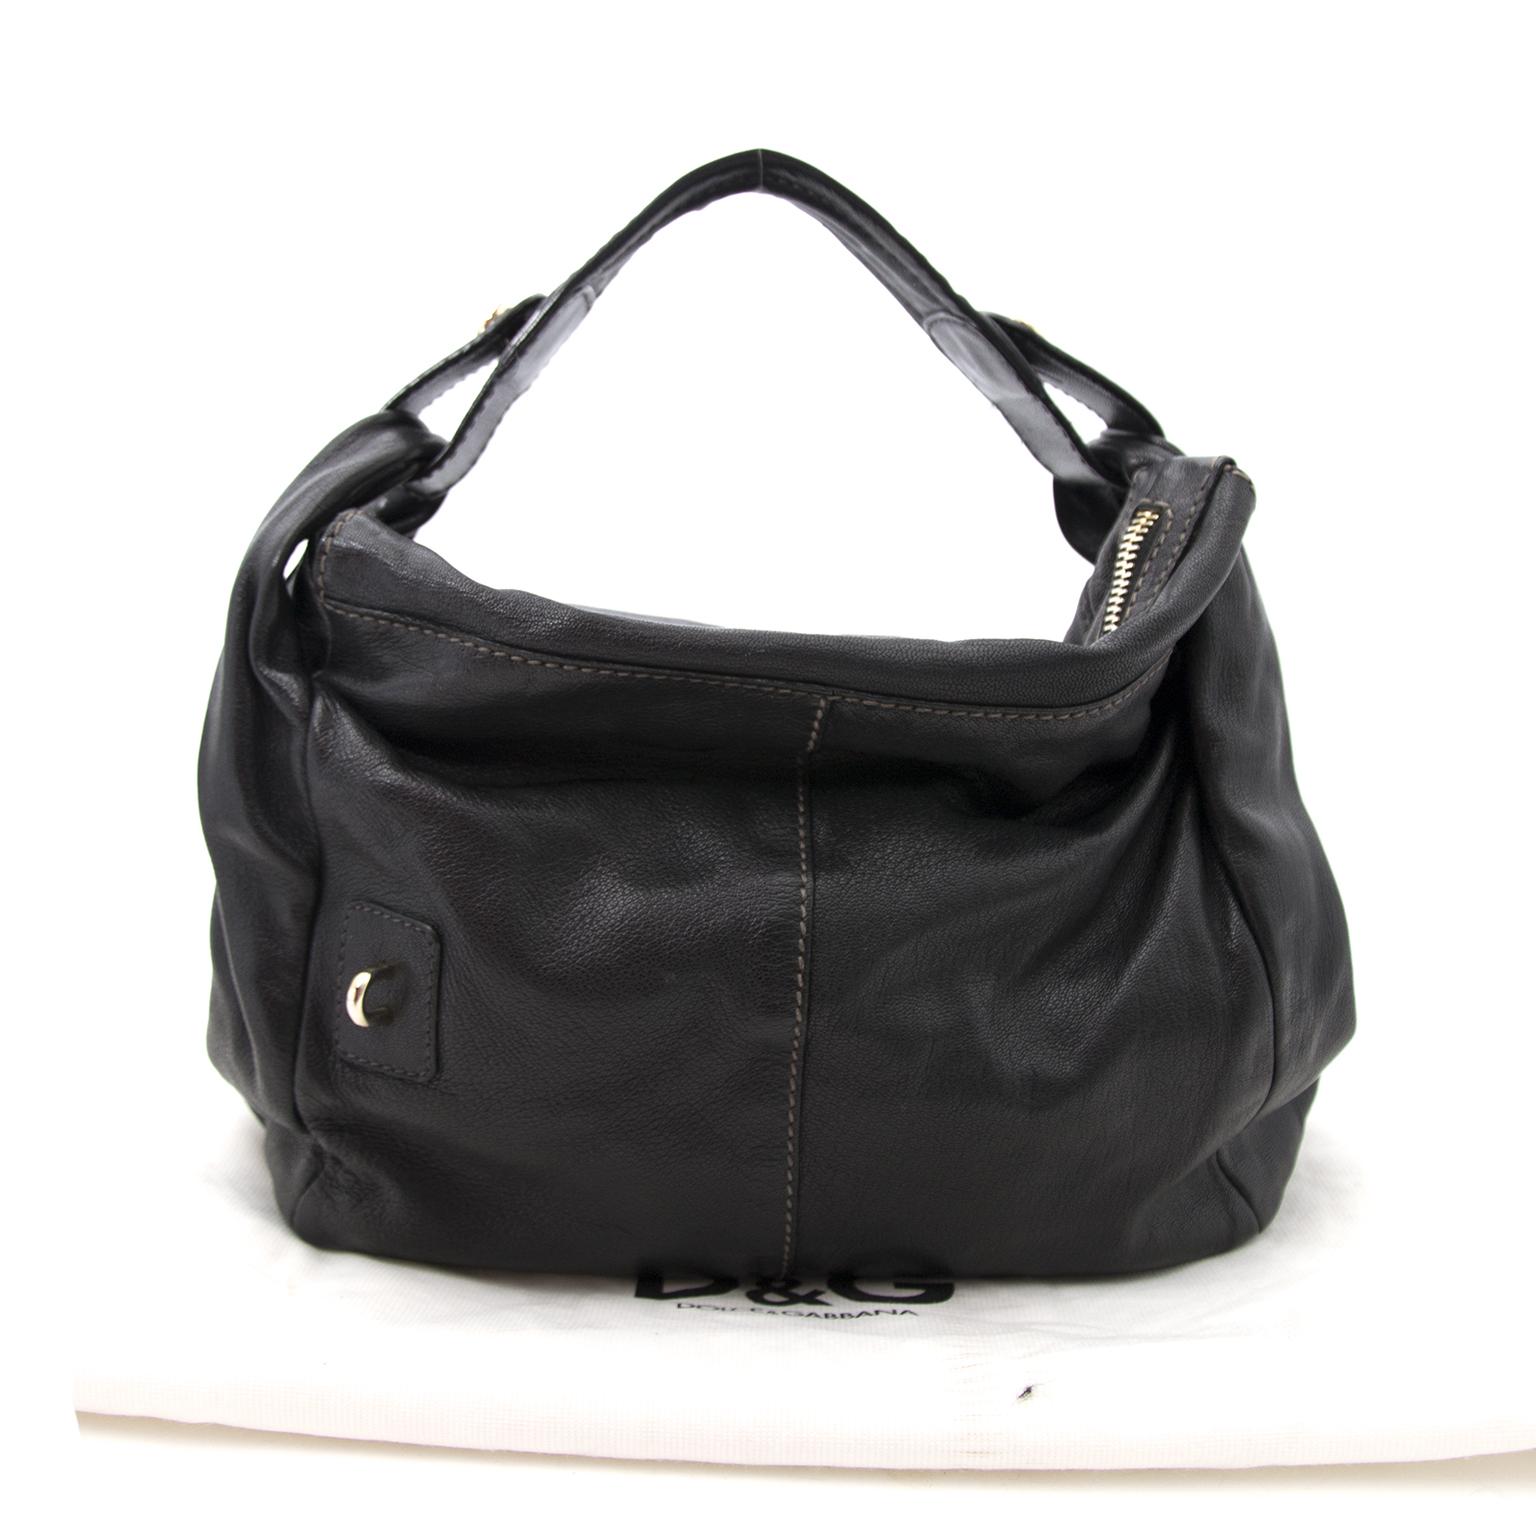 Zwarte Lederen Dolce & Gabbana Schouderhandtas nu online op labellov.com tegen de beste prijs.